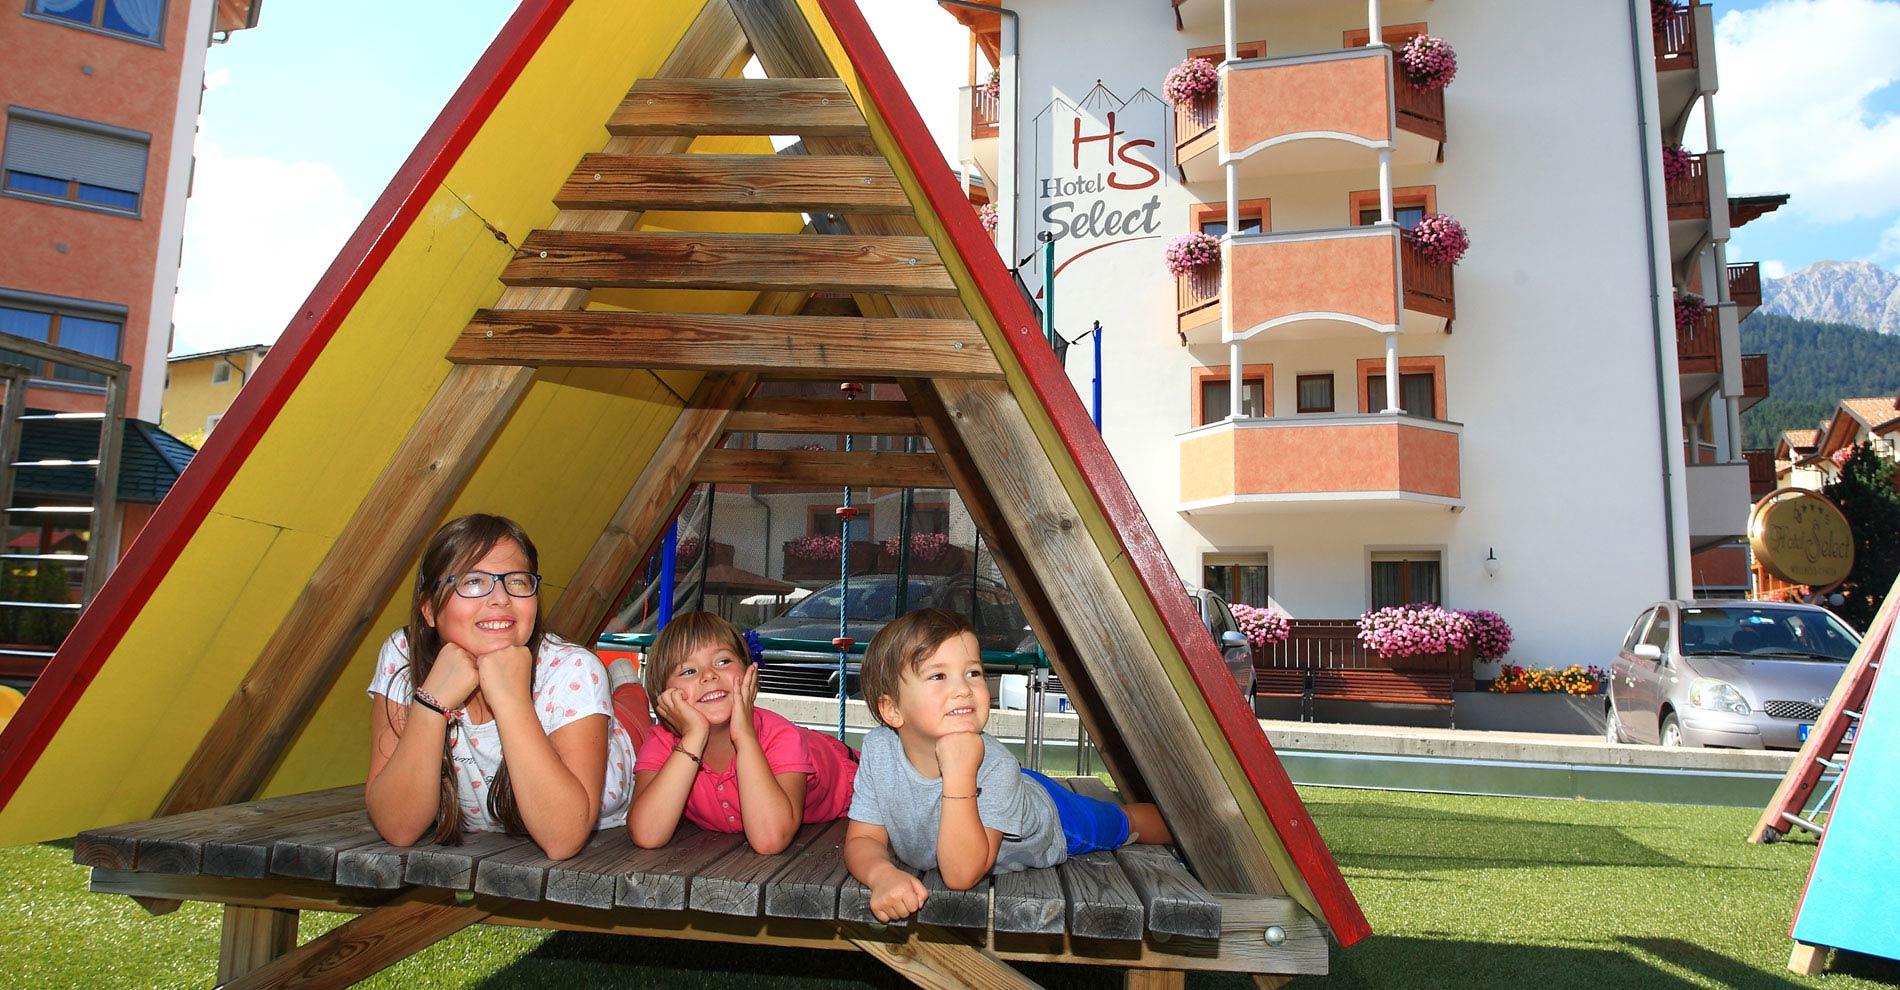 Parco giochi Hotel Select ad Andalo sull'Altopiano della Paganella